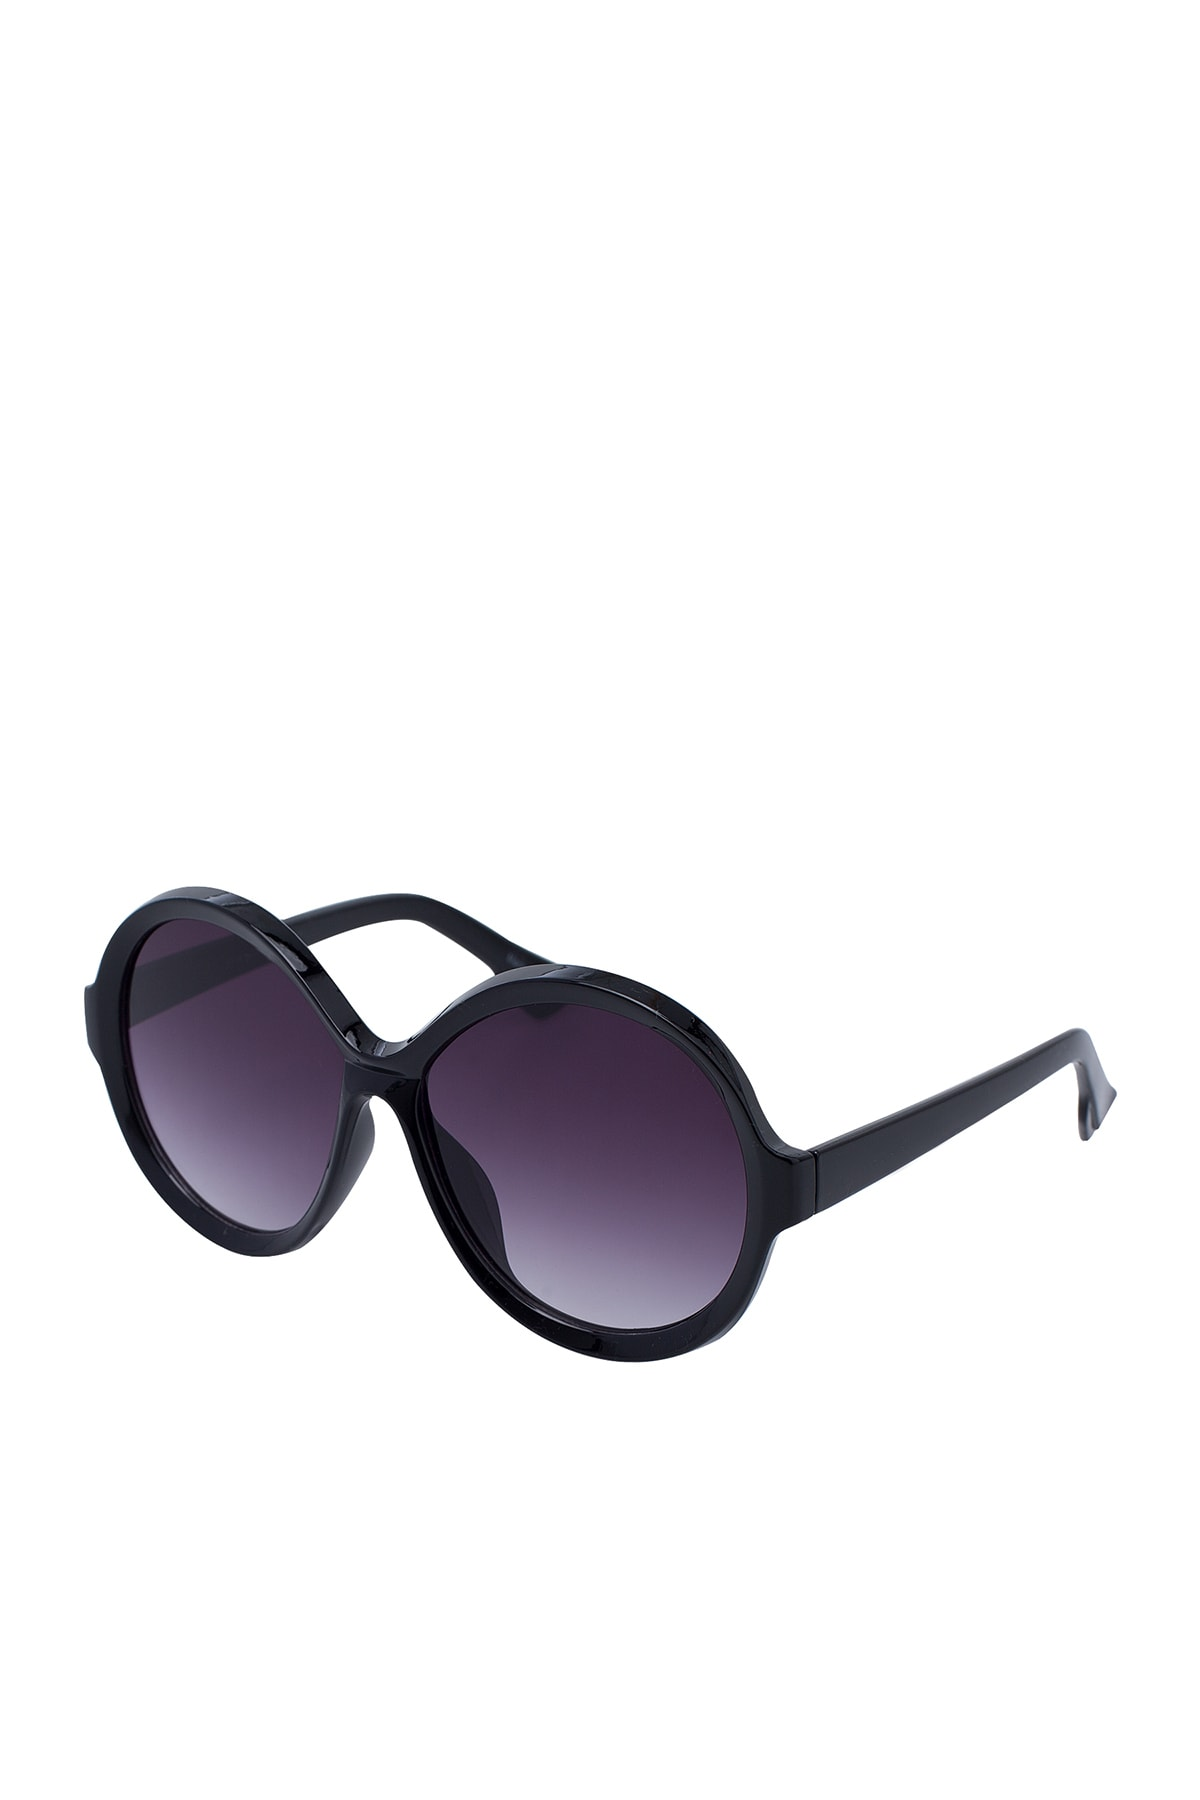 Vero Moda Accessories Vmsofia Gözlük Kadın Gözlük 10224606 1